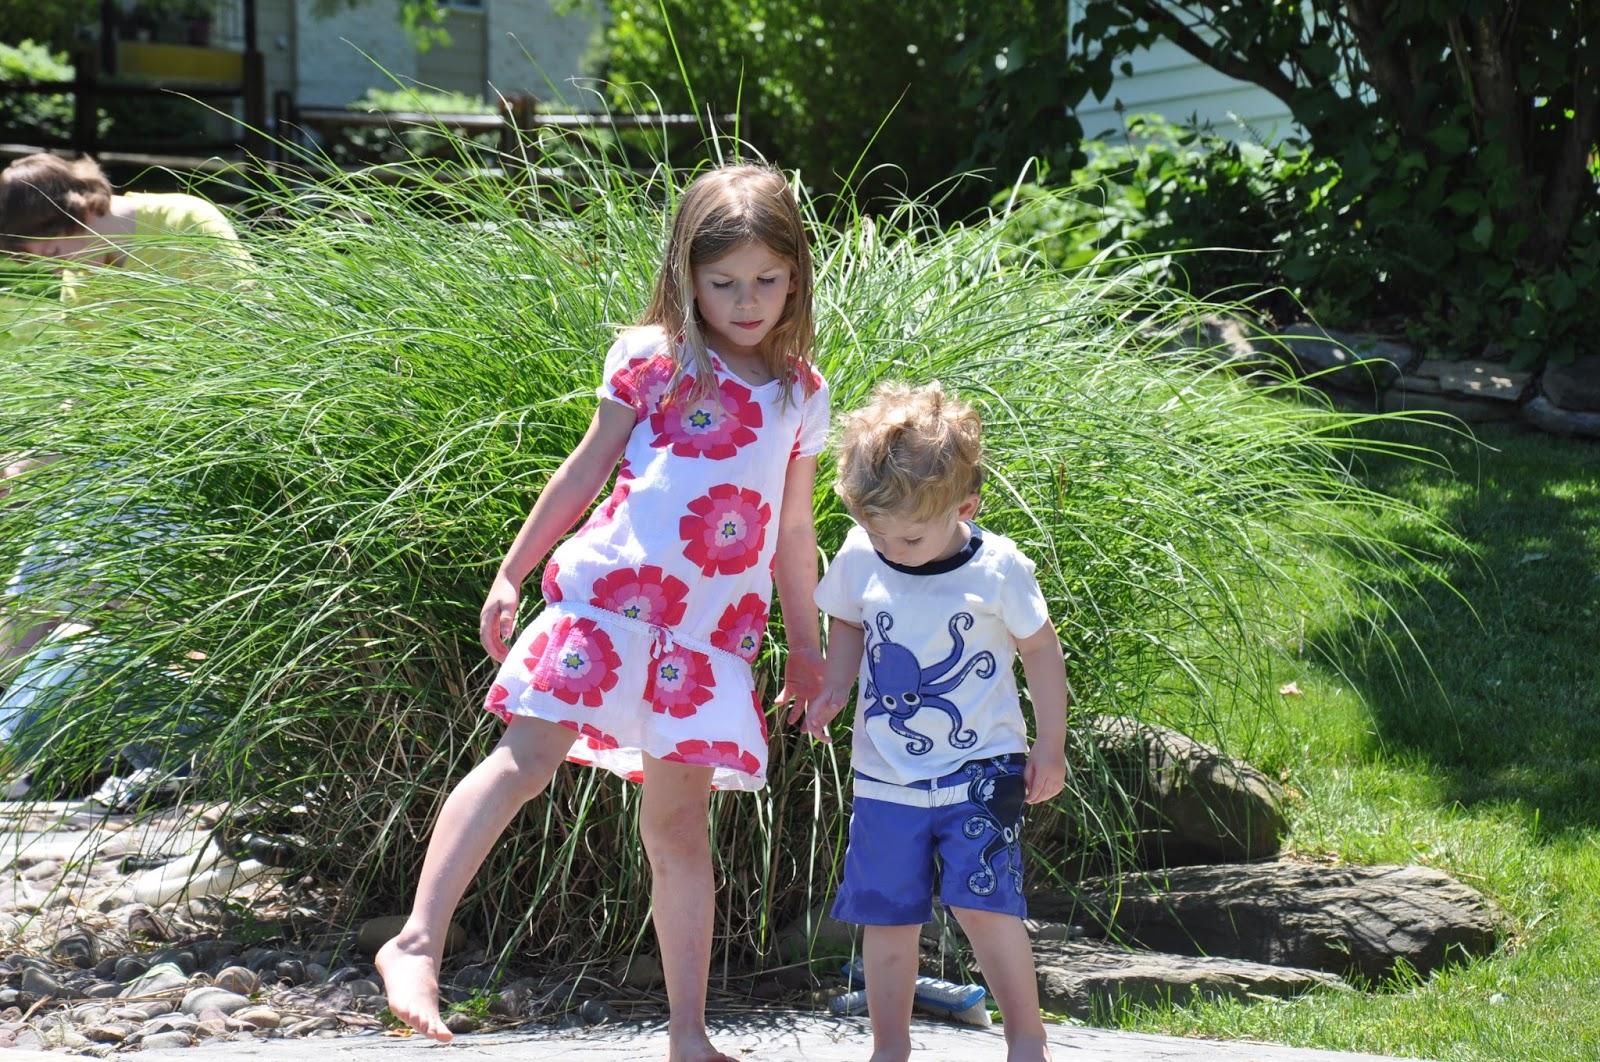 kids in diapers images - usseek.com